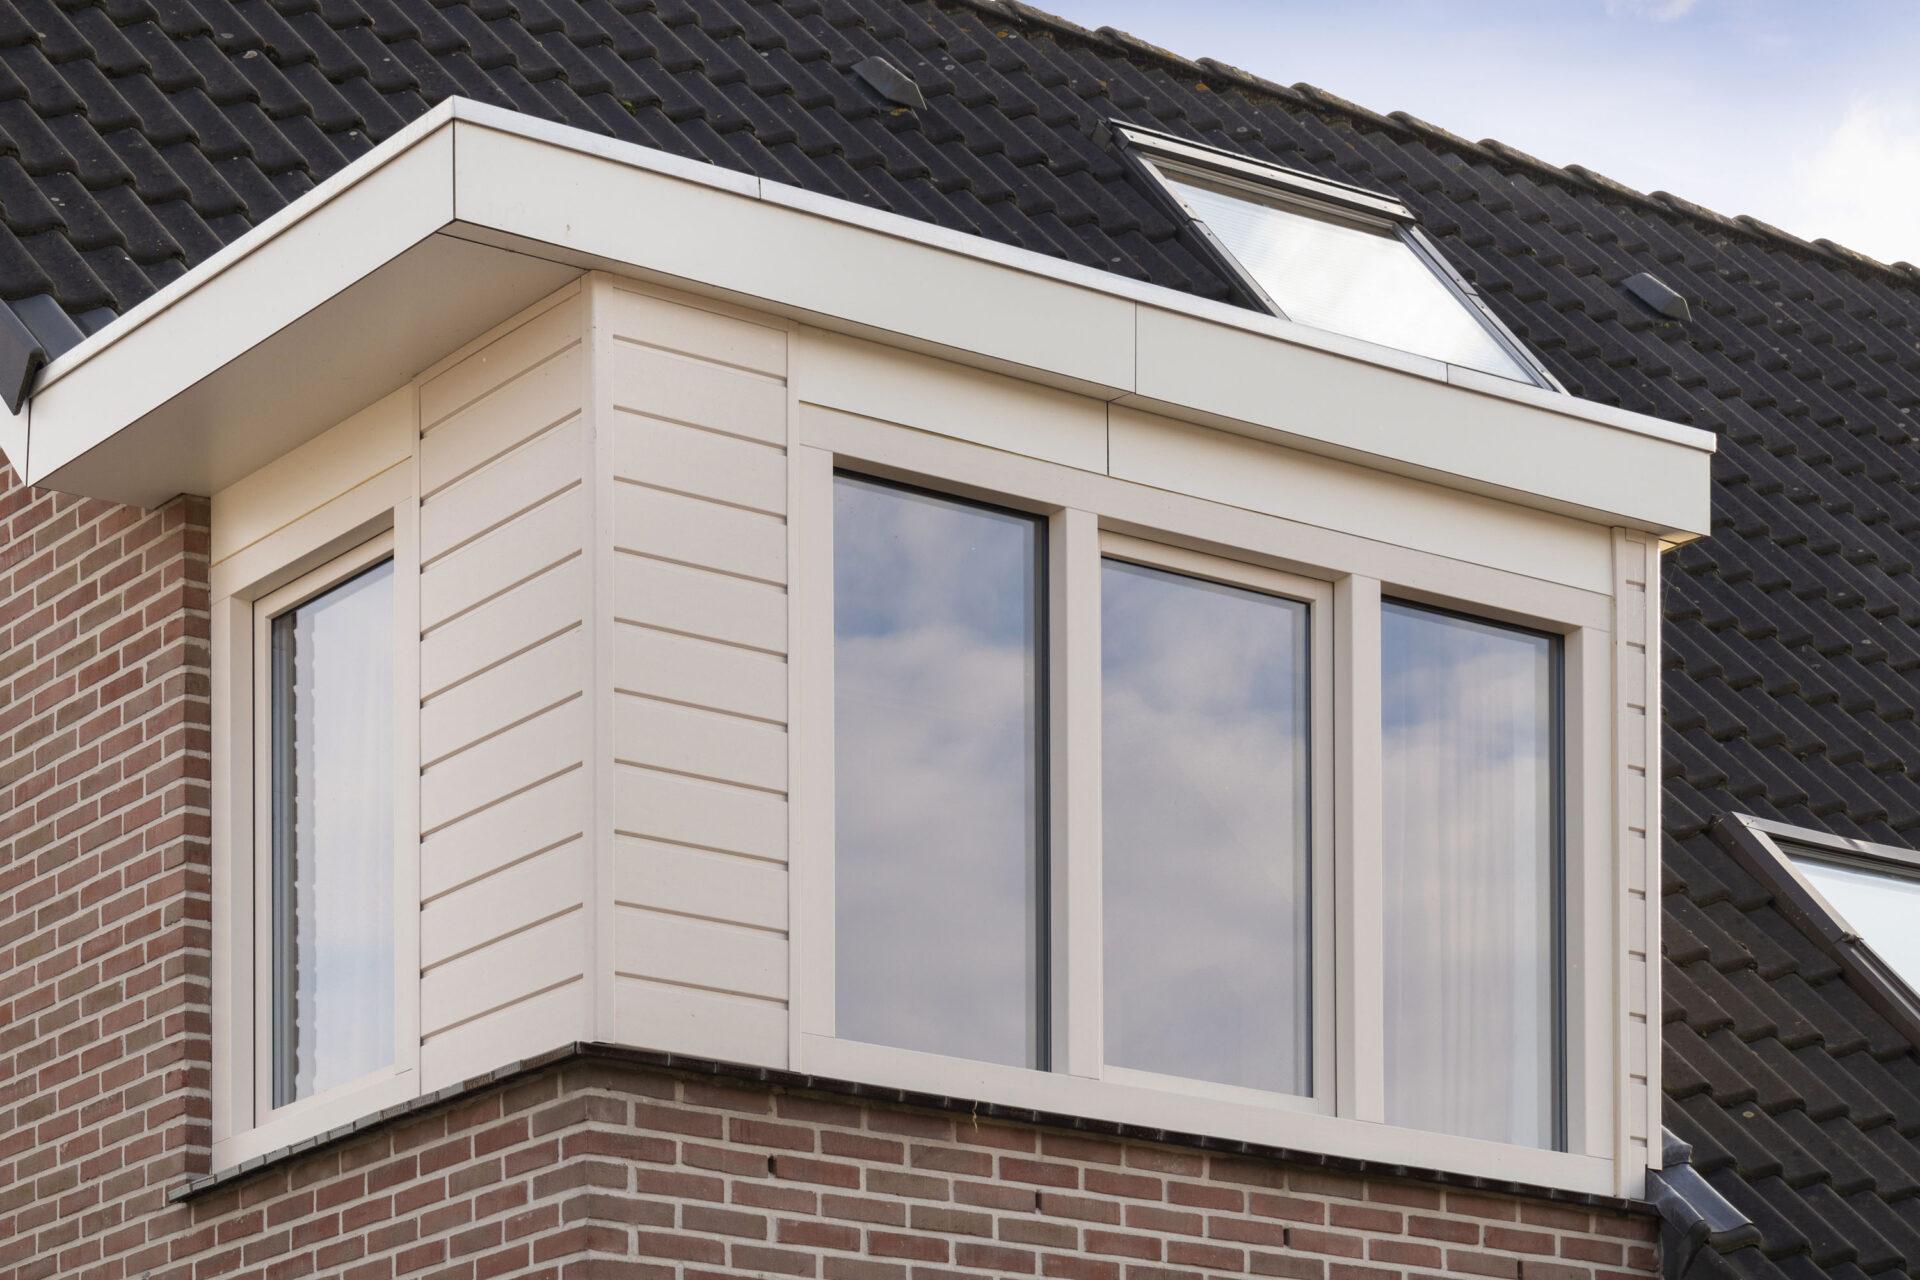 Select Windows kunststof kozijnen - referentie Bergen - Kunststof voordeur en ramen in Bergen, Limburg